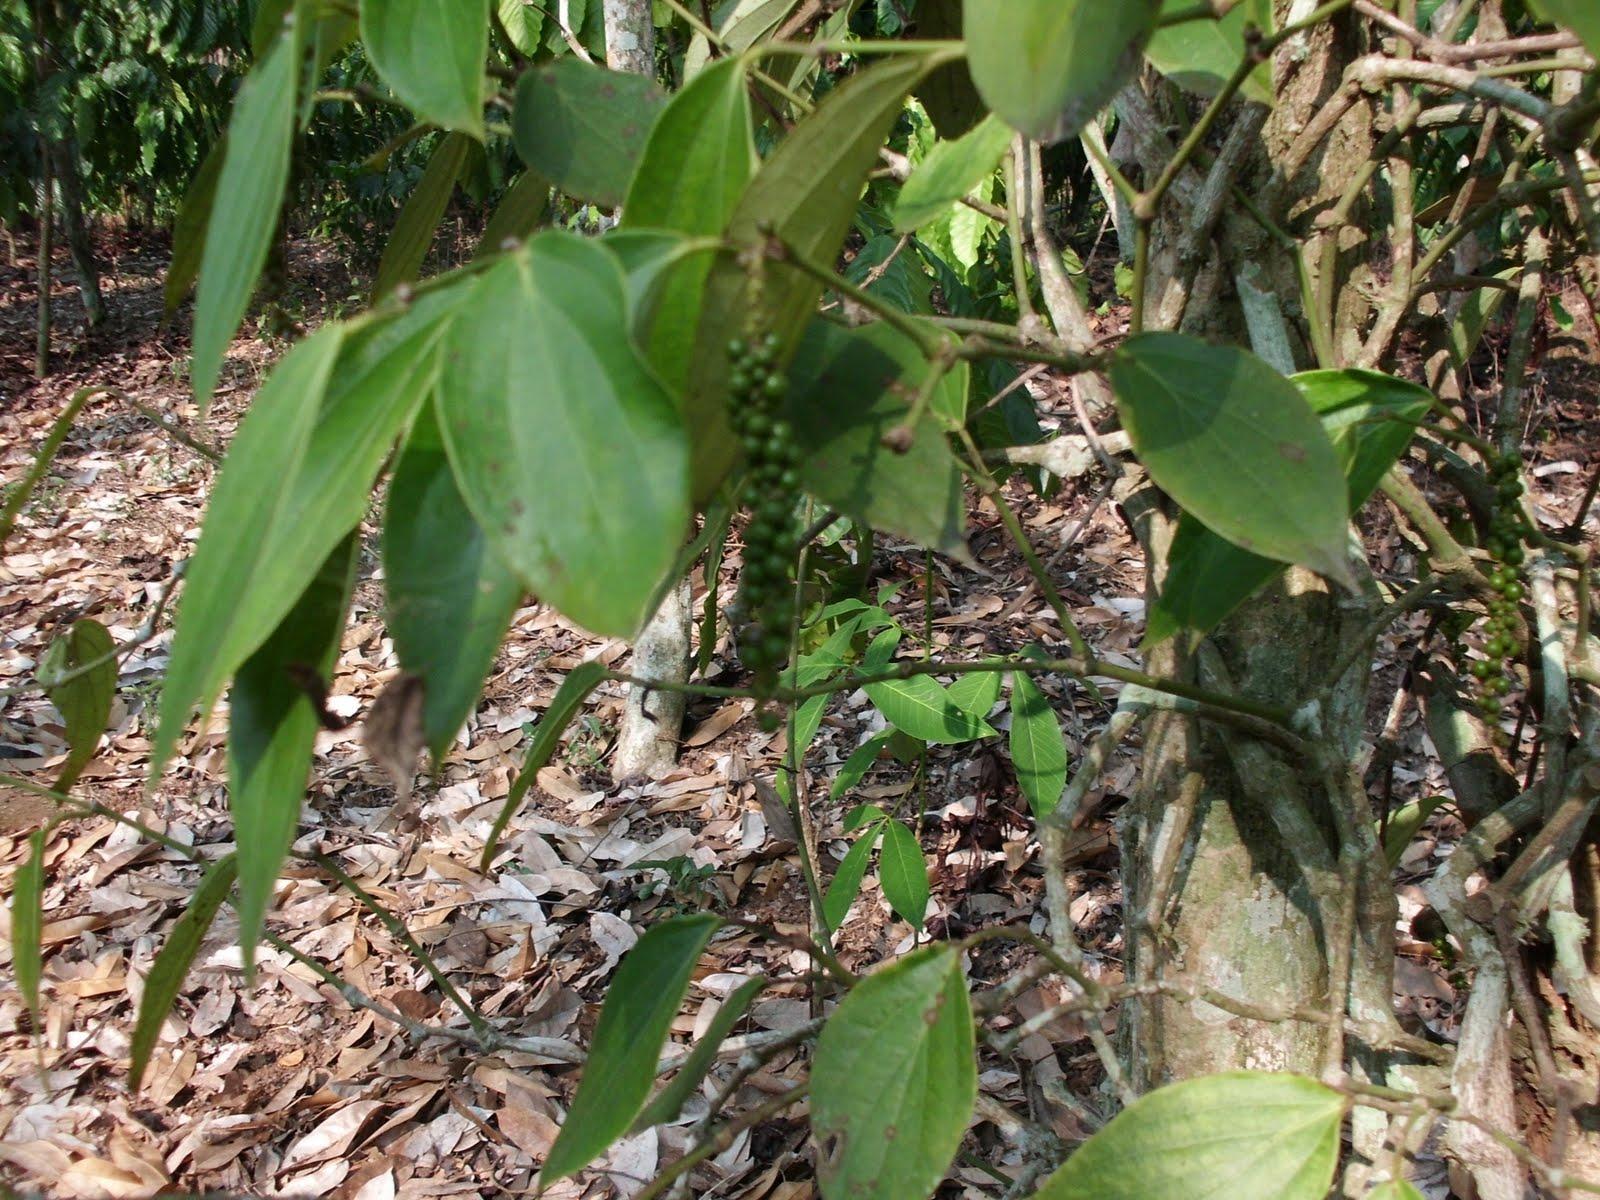 Budidaya Tanaman Rempah Obat Dan Aromatika Tanaman Lada Piper Nigrum L Umy Iffah